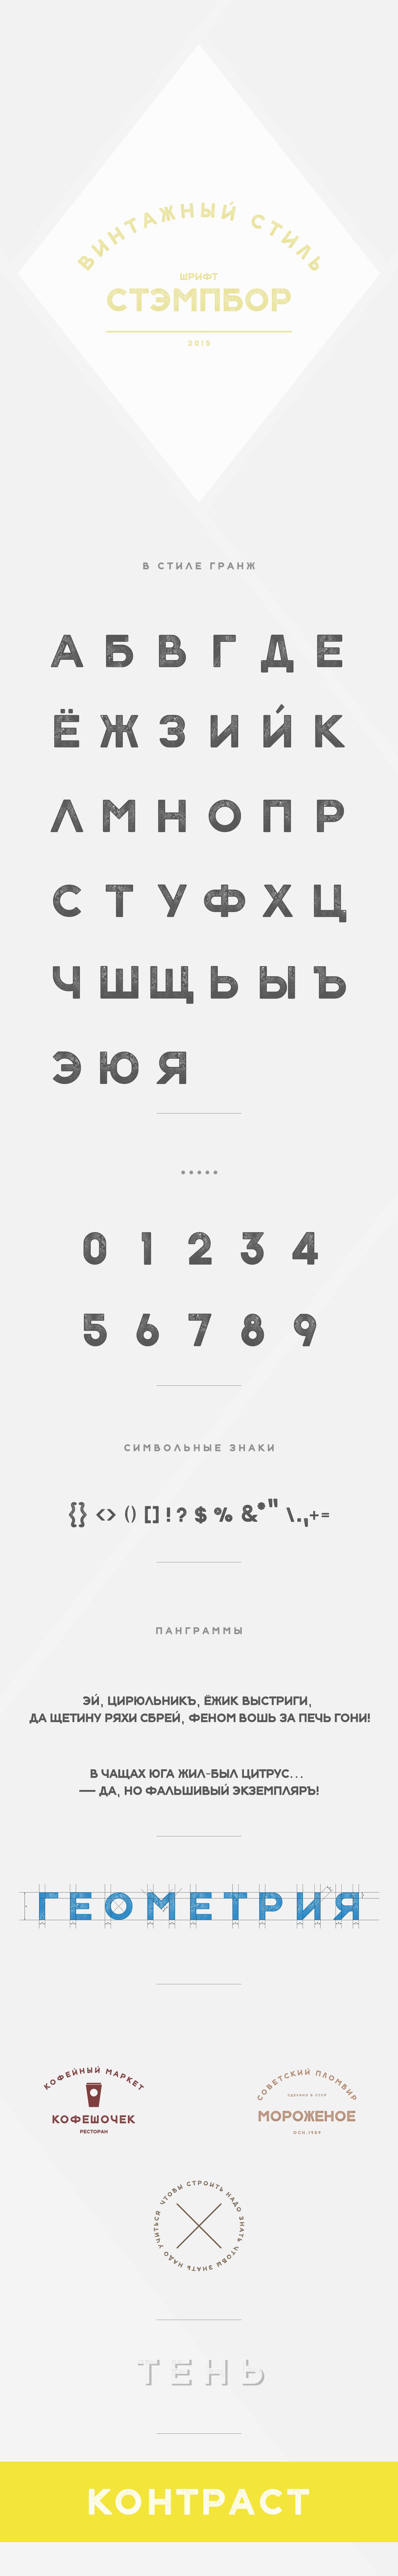 Шрифт калькулятор кириллица